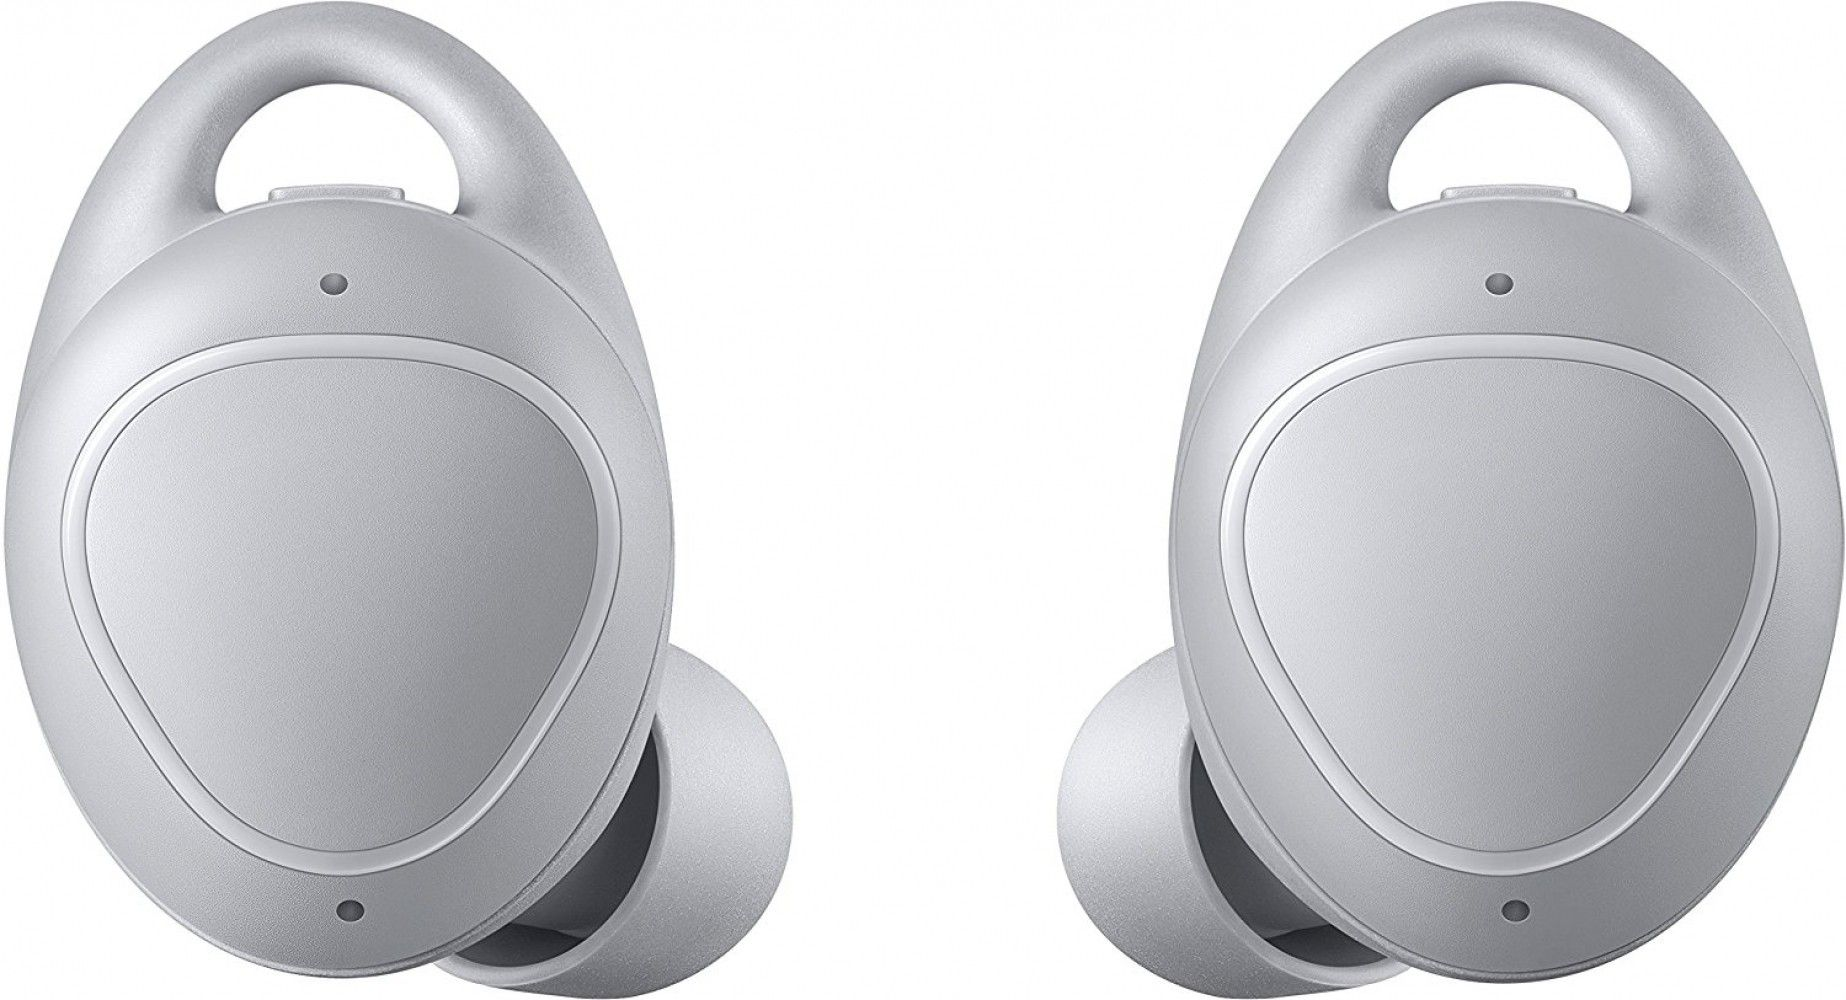 Купить Наушники и гарнитуры, Беспроводные наушники Samsung Gear IconX 2018 Gray (SM-R140NZAASEK)